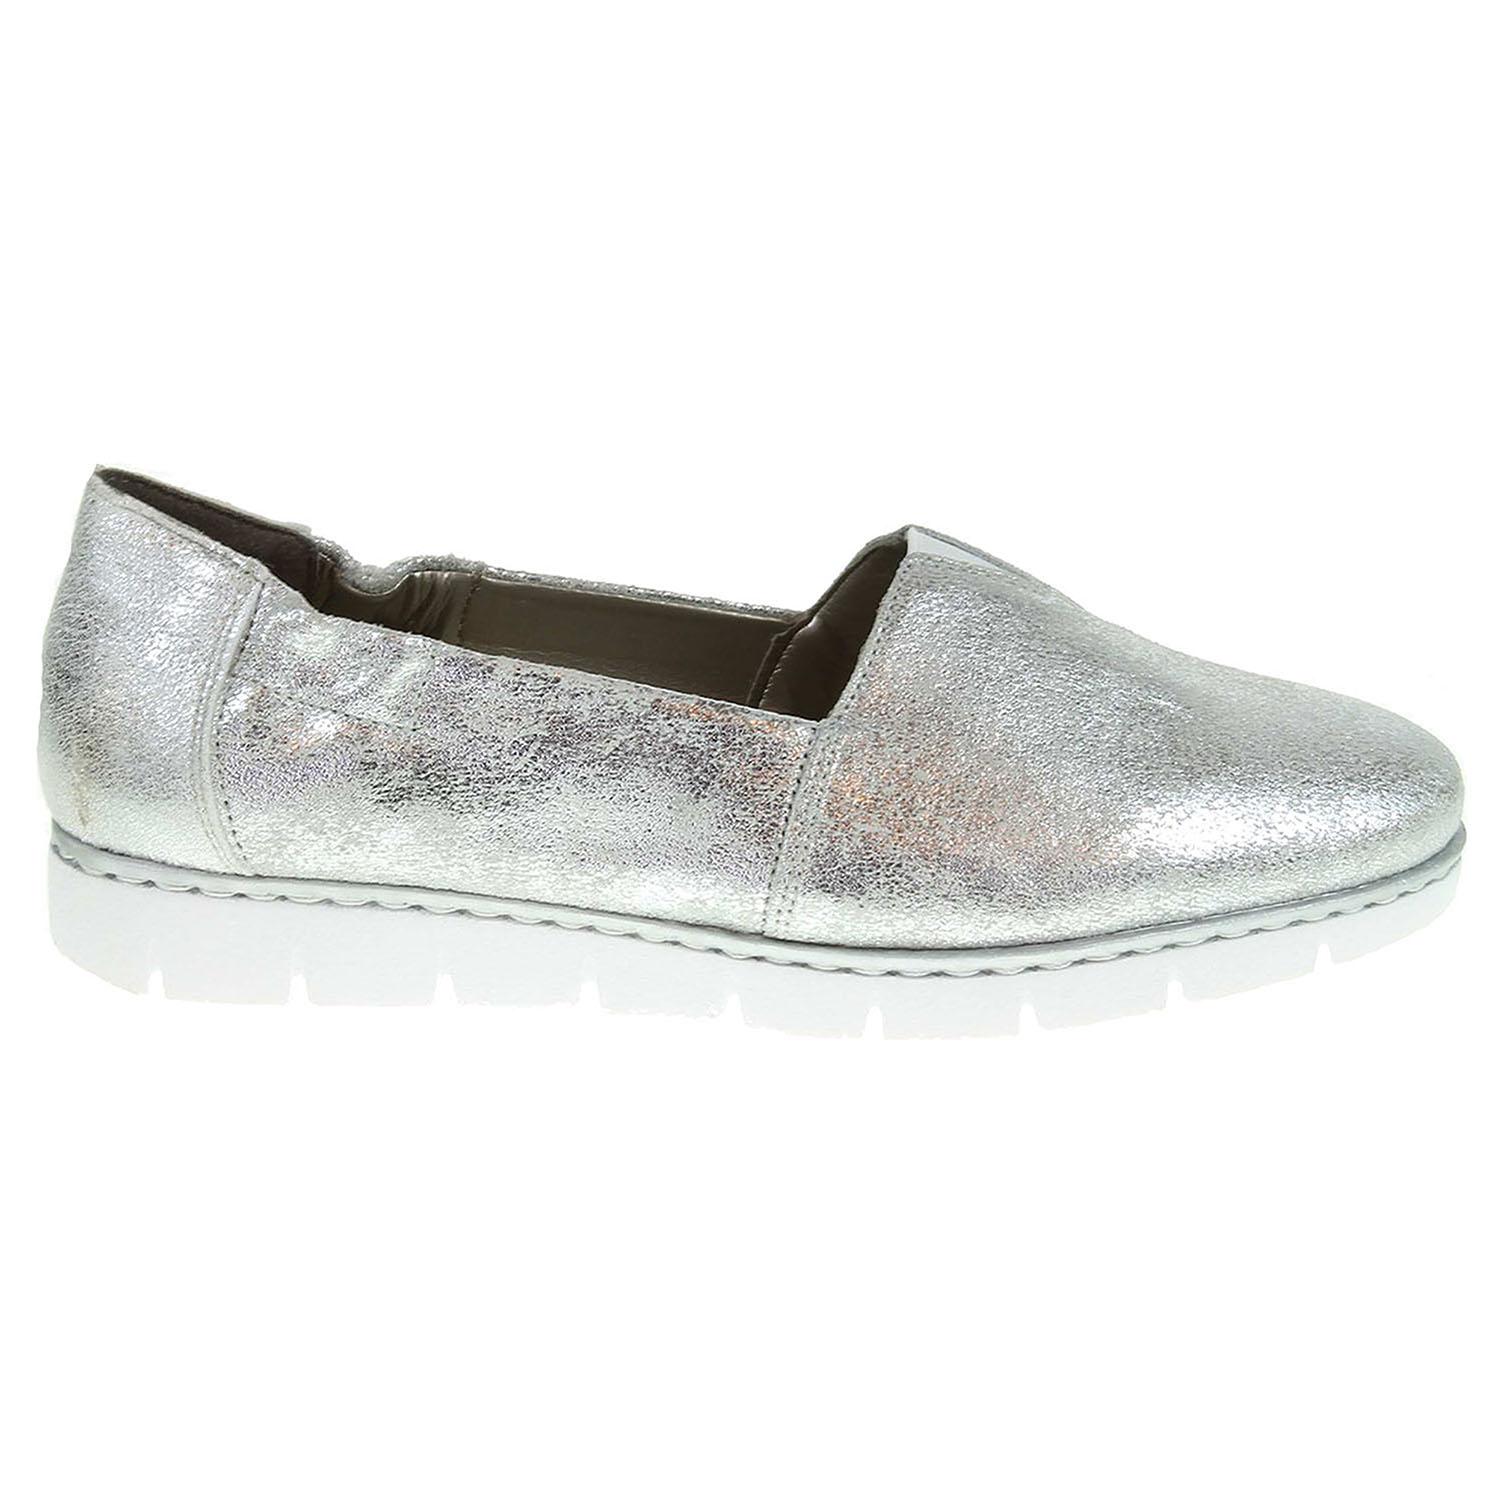 Ecco Rieker dámské mokasiny M1371-90 stříbrné 23000788 b50e53646b